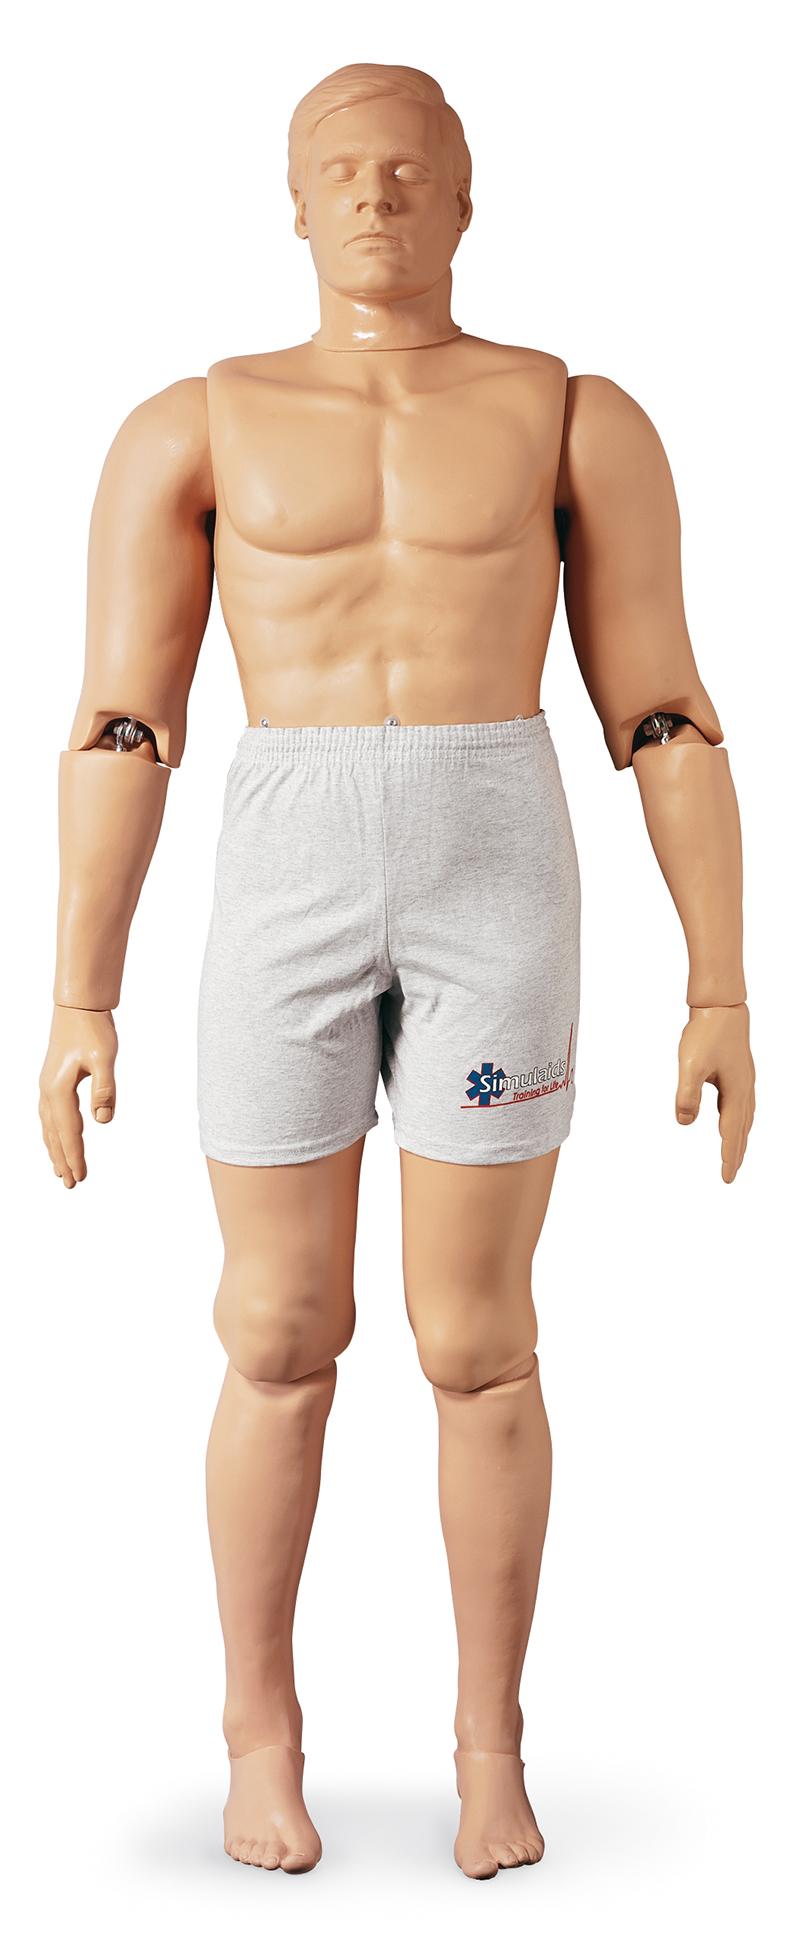 anatomicalmodelsireland-medstore.ie